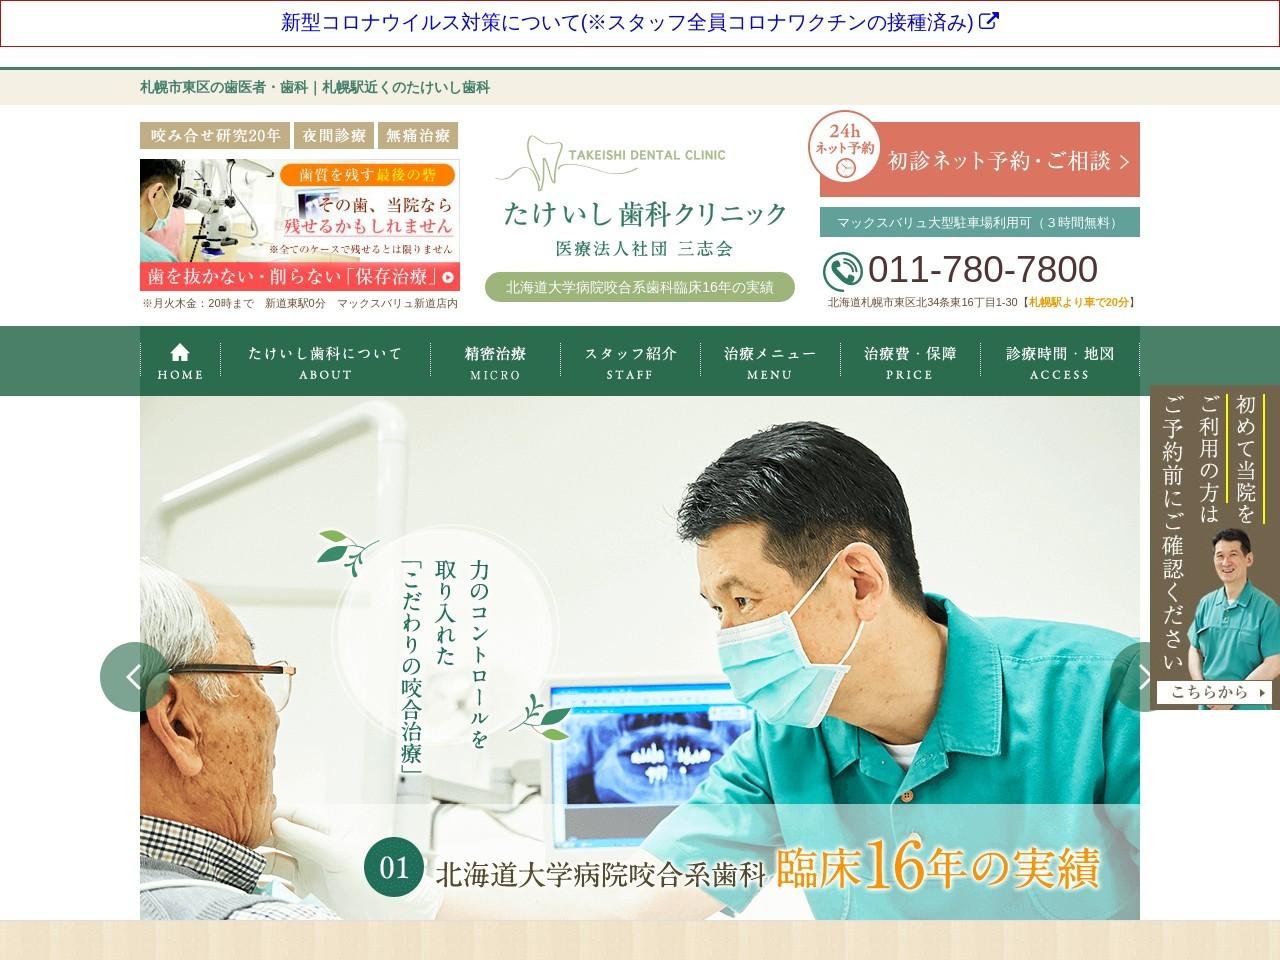 医療法人社団三志会  たけいし歯科クリニック (北海道札幌市東区)